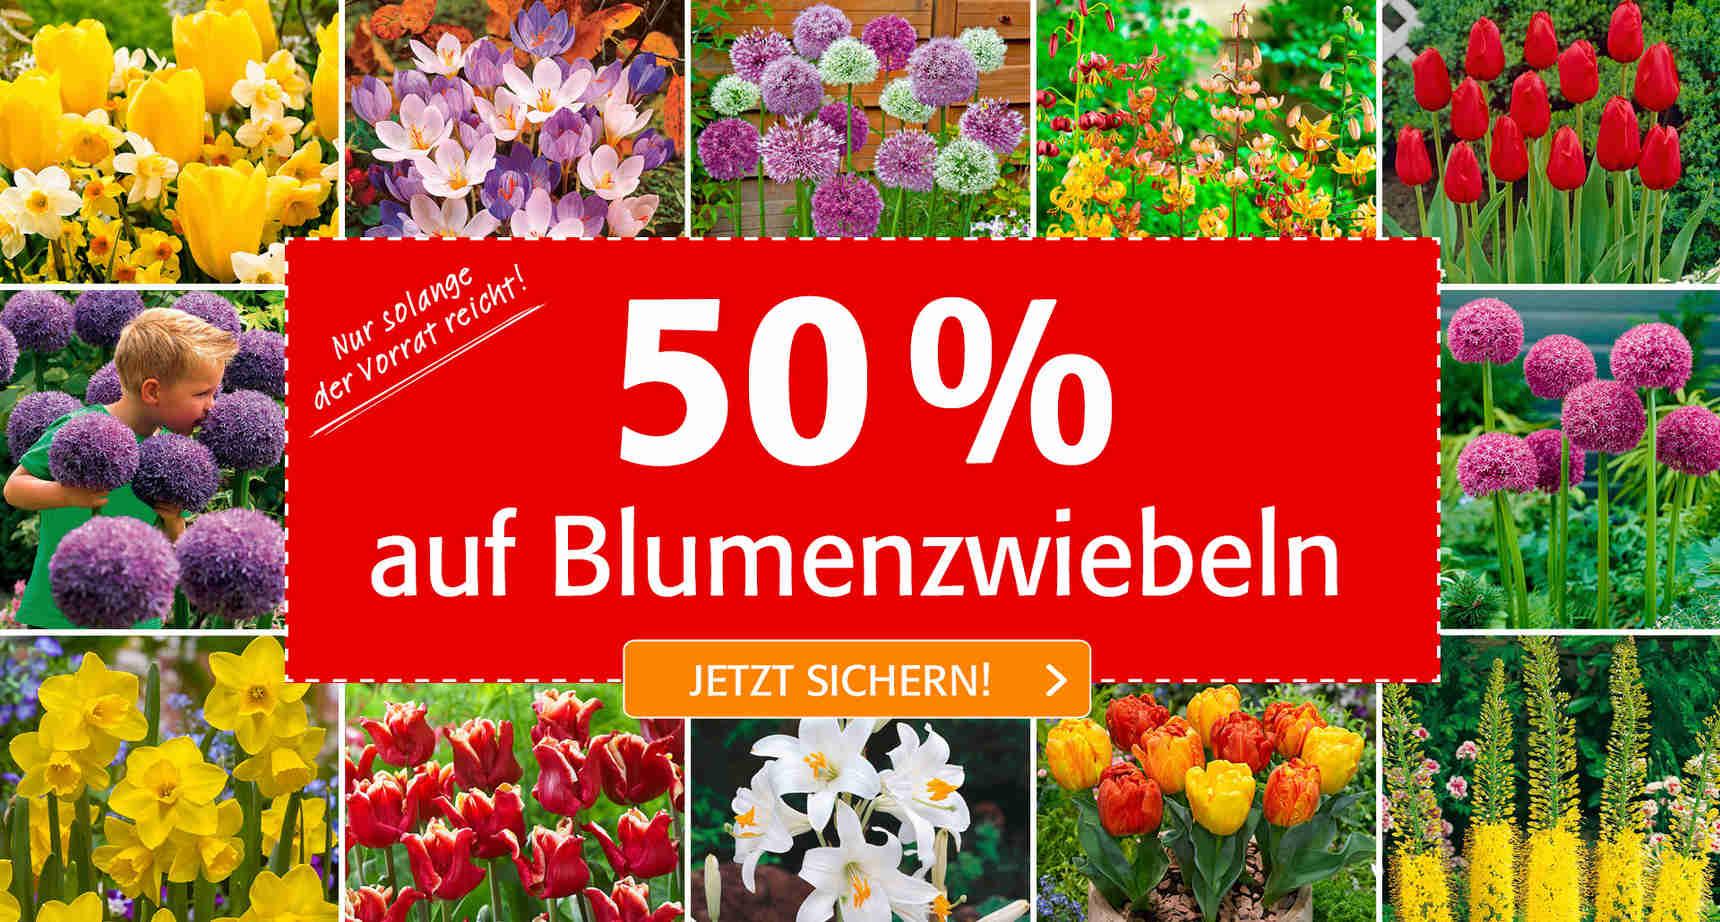 +++ (1) Blumenzwiebeln SALE +++ - 1